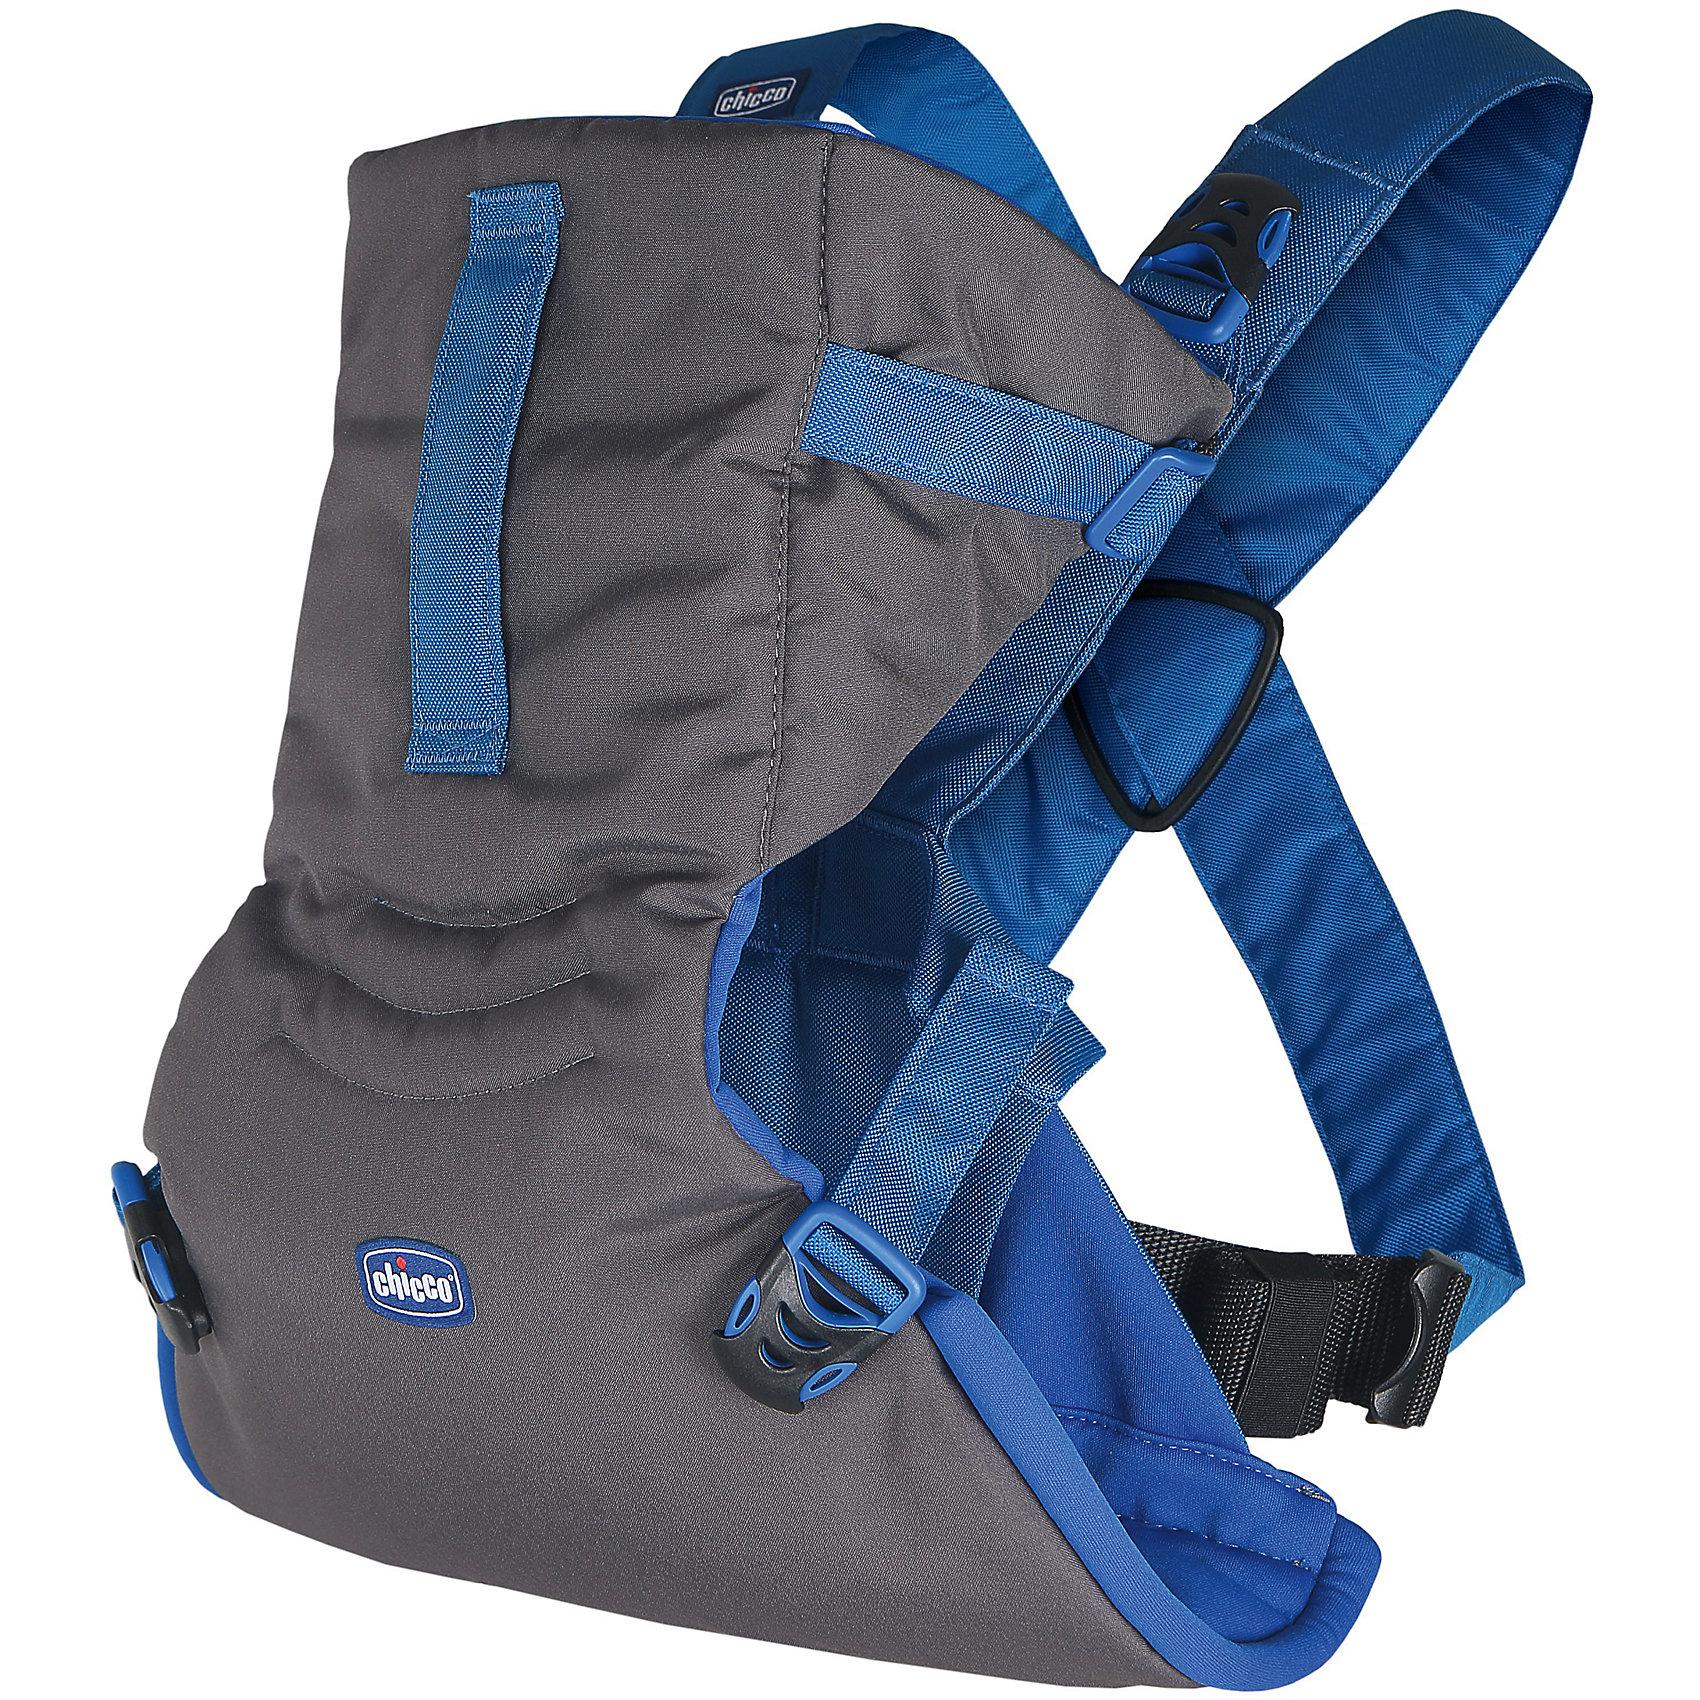 Переноска-кенгуру Easy Fit, Chicco, power blueСлинги и рюкзаки-переноски<br>Характеристики:<br><br>• носится как футболка; <br>• обеспечивает безопасное положение ребенка во время прогулок;<br>• эргомичное сиденье обеспечивает правильное положение бедер ребенка;<br>• можно подстроить под комплекцию каждого ребенка;<br>• ножки малыша анатомически правильно расположены;<br>• позвоночник развивается правильно;<br>• малыш свободно дышит, имеется расстояние от спинки до личика; <br>• можно уложить даже спящего ребенка;<br>• два положения: лицом к маме, спинкой к маме;<br>• когда ребенок подрастет, мама может поддерживать ножки малыша, создавая упор для прыжков в вертикальном положении;<br>• на капюшоне-подголовнике расположена ручка-ремешок, чтобы маме было удобнее поддерживать головку подросшего ребенка;<br>• петелька для крепления держателя от пустышки, легкой развивающей игрушки или прорезывателя;<br>• рюкзак компактно складывается, есть возможность зафиксировать в сложенном виде;<br>• понятная регулировка ремней;<br>• допускается стирка при температуре 30 градусов;<br>• протестировано педиатрами;<br>• максимальный вес ребенка: 9 кг;<br>• размер переноски: 30х15 см;<br>• вес переноски: 400 г.<br><br>Переноску-кенгуру Easy Fit, Chicco, power blue можно купить в нашем интернет-магазине.<br><br>Ширина мм: 160<br>Глубина мм: 110<br>Высота мм: 305<br>Вес г: 557<br>Возраст от месяцев: 0<br>Возраст до месяцев: 9<br>Пол: Мужской<br>Возраст: Детский<br>SKU: 6682747